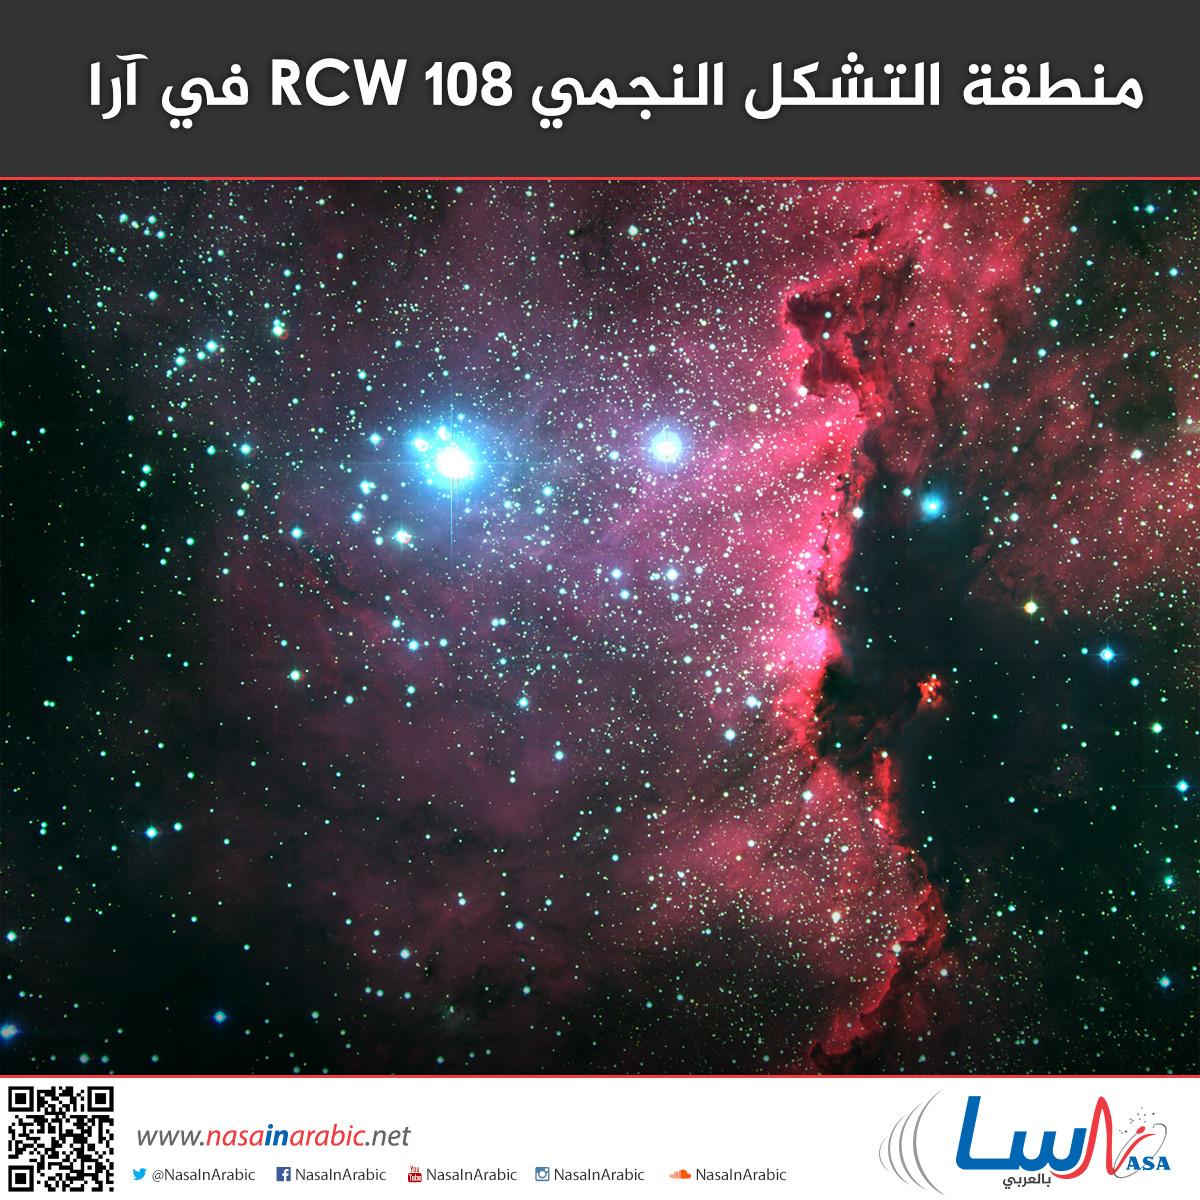 منطقة التشكل النجمي RCW 108 في آرا